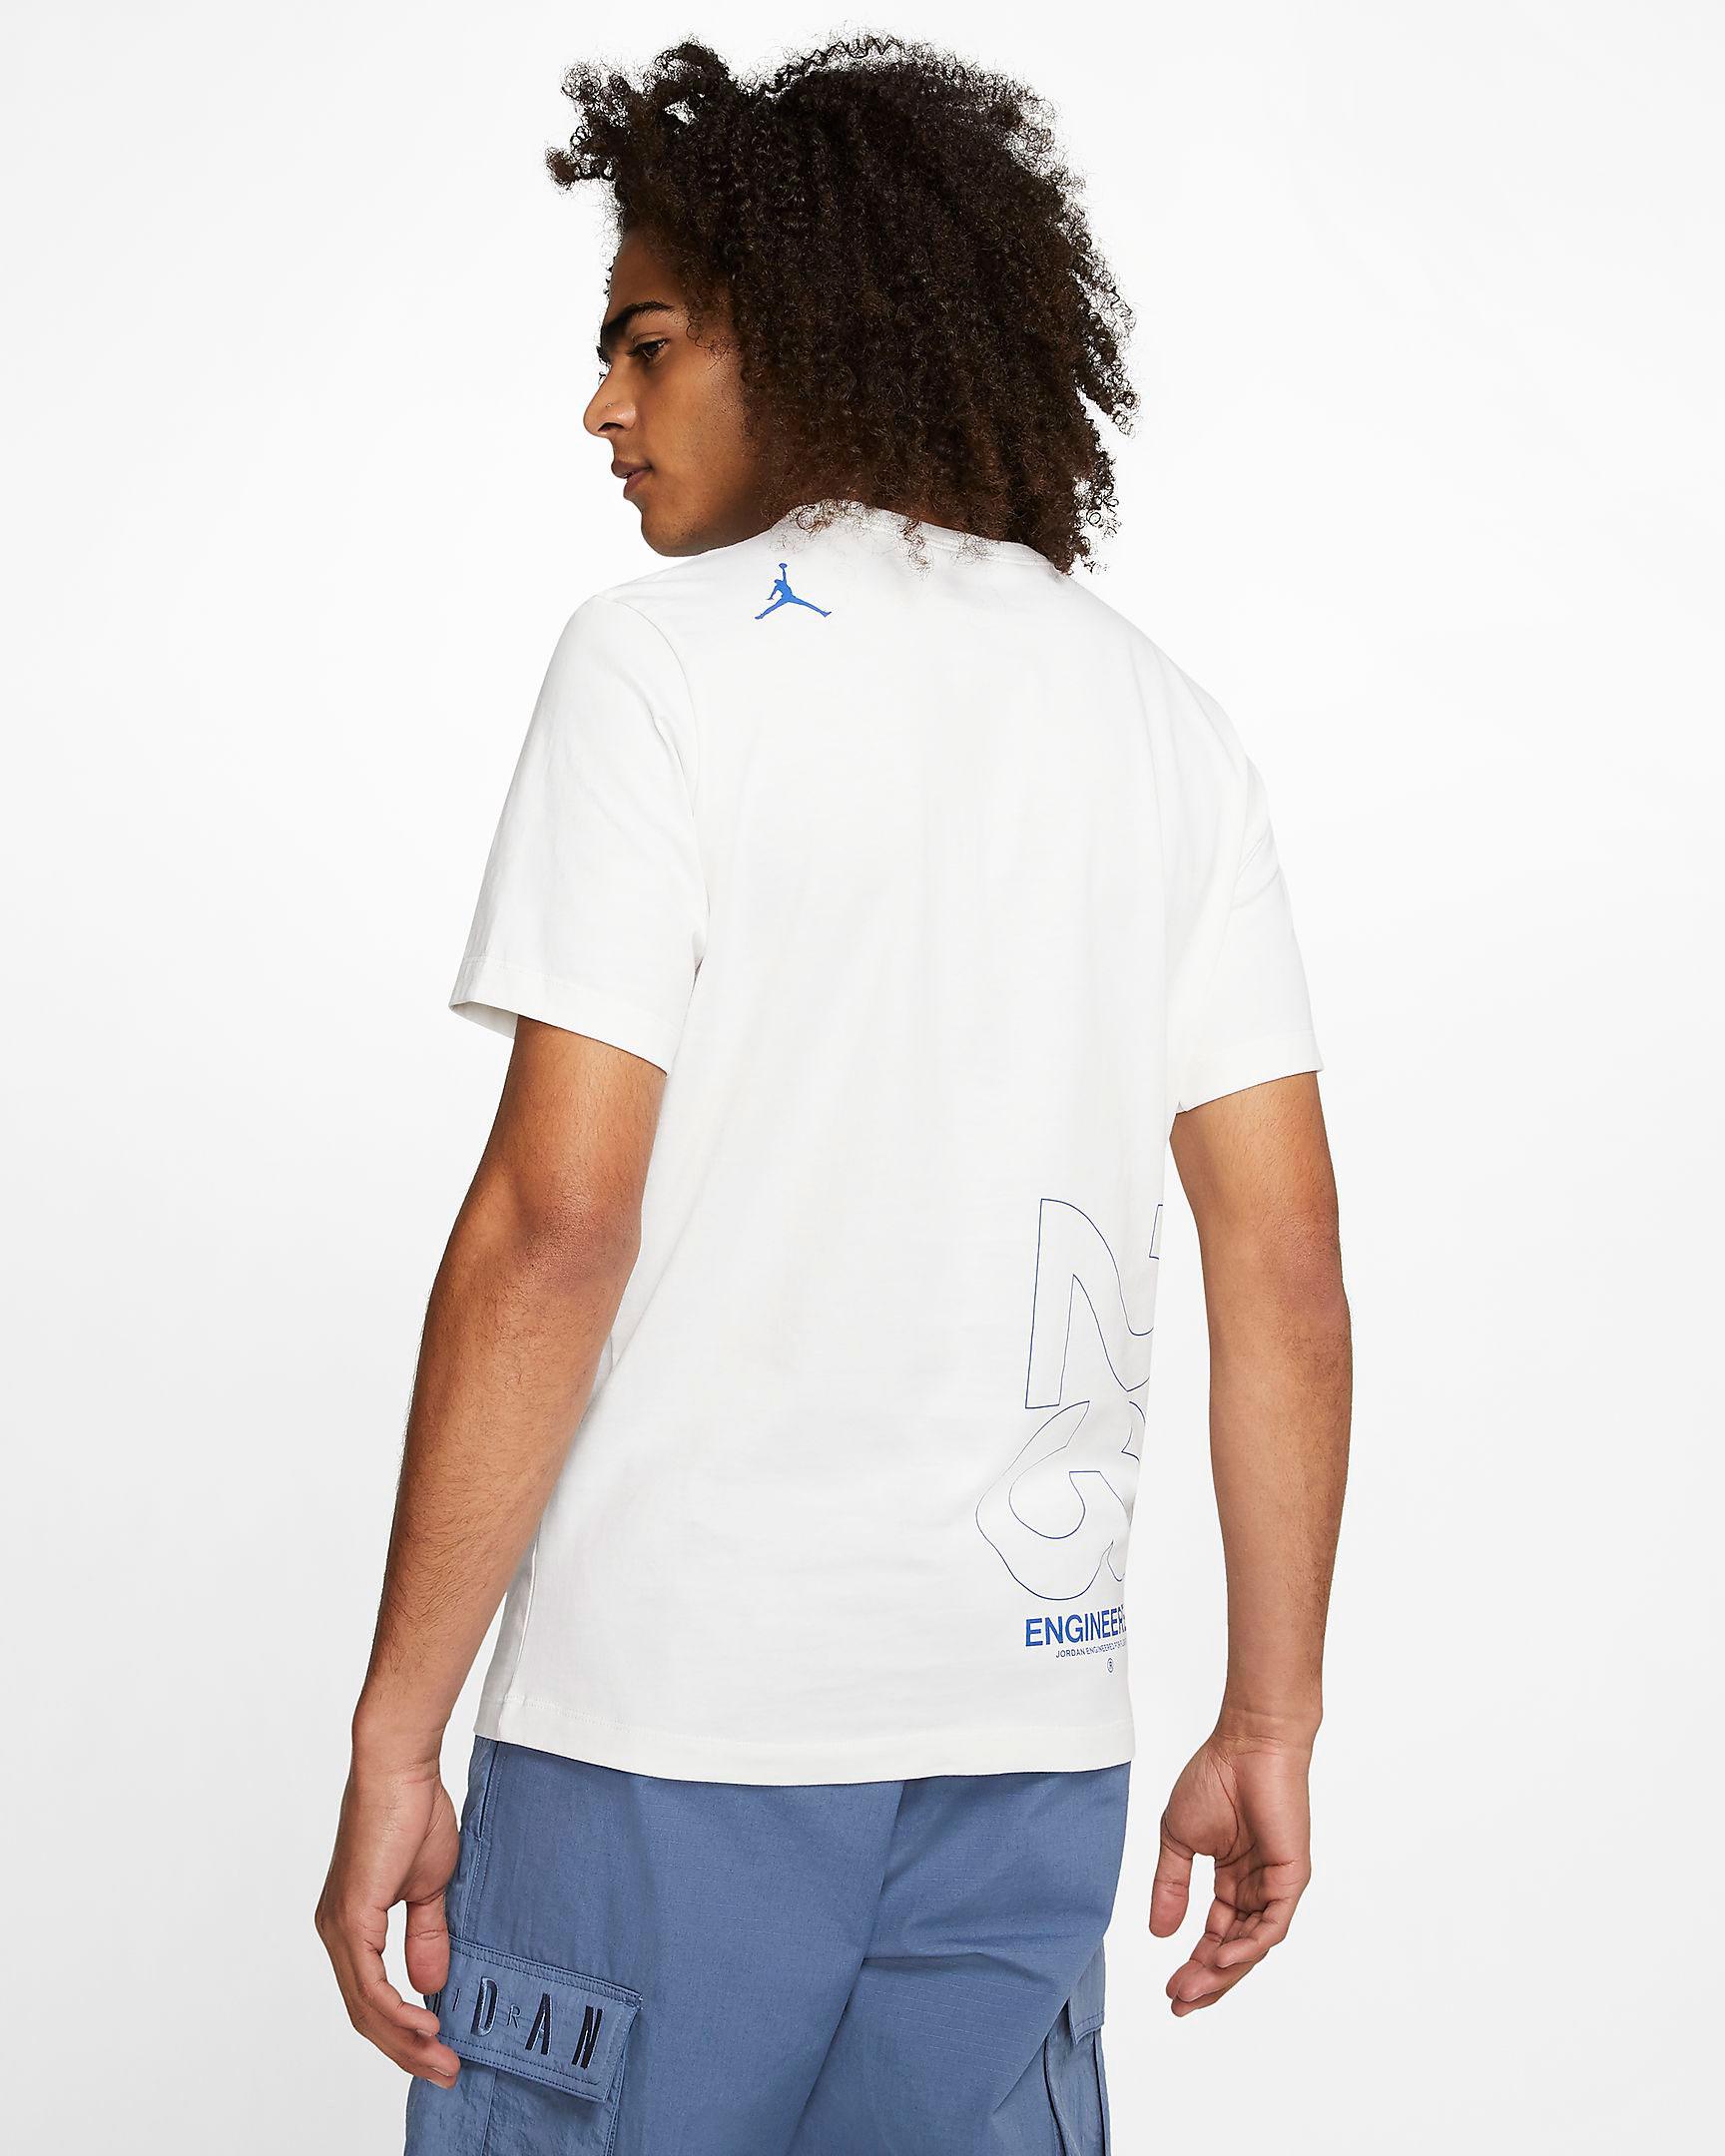 air-jordan-9-racer-blue-matching-t-shirt-2